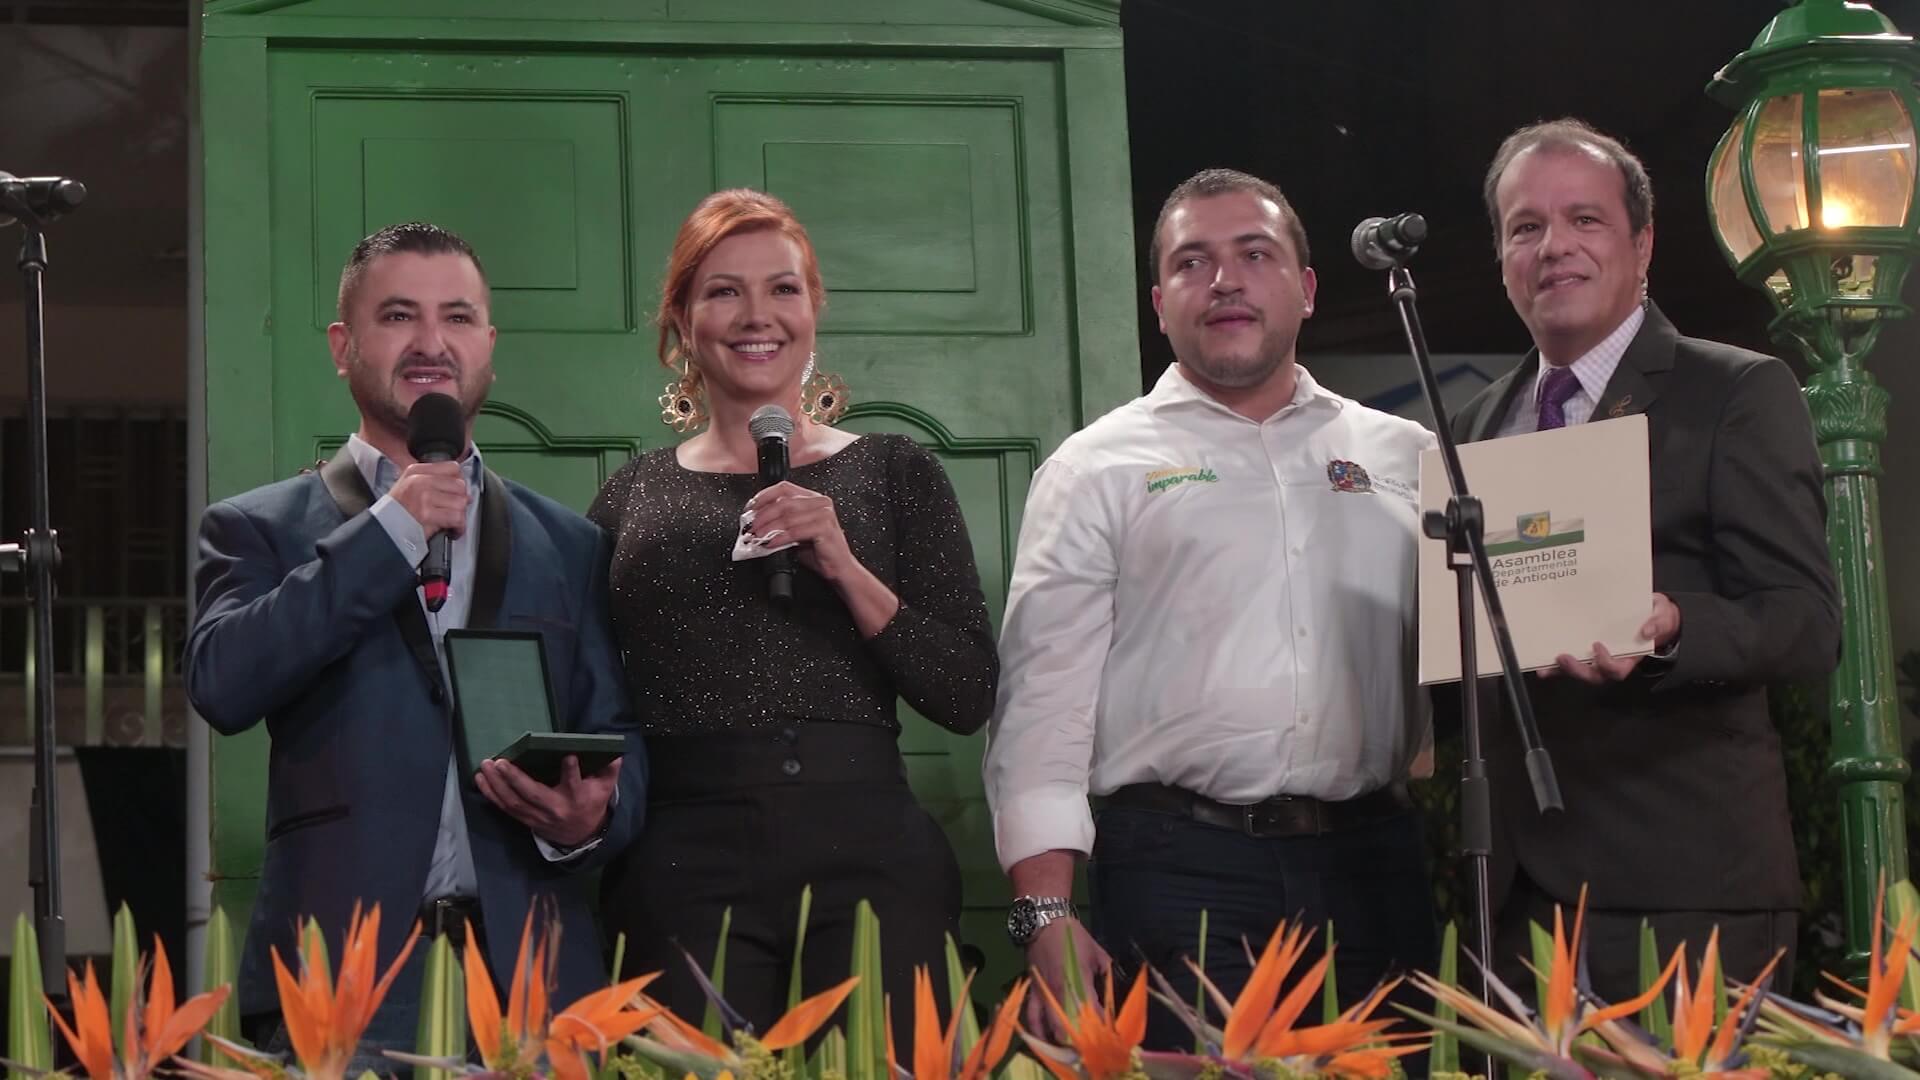 Serenata recibió la Orden Mariscal Jorge Robledo